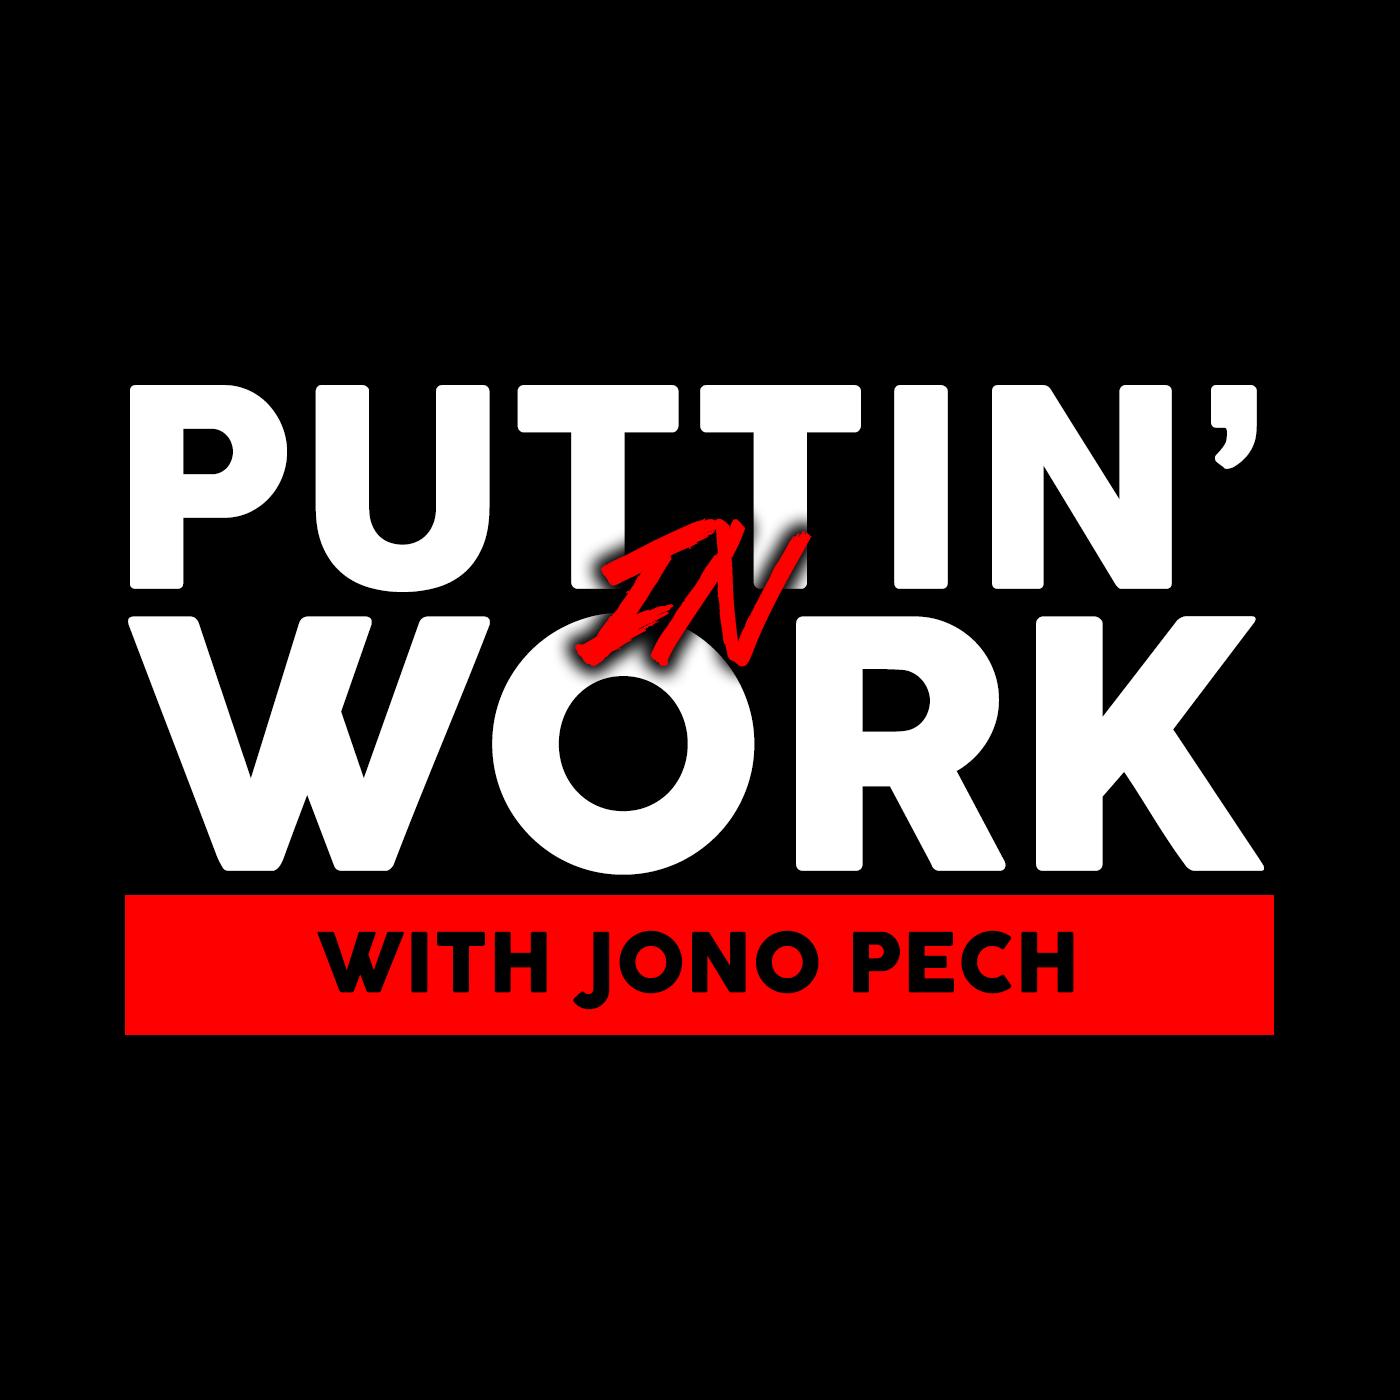 puttin in work with jono pech